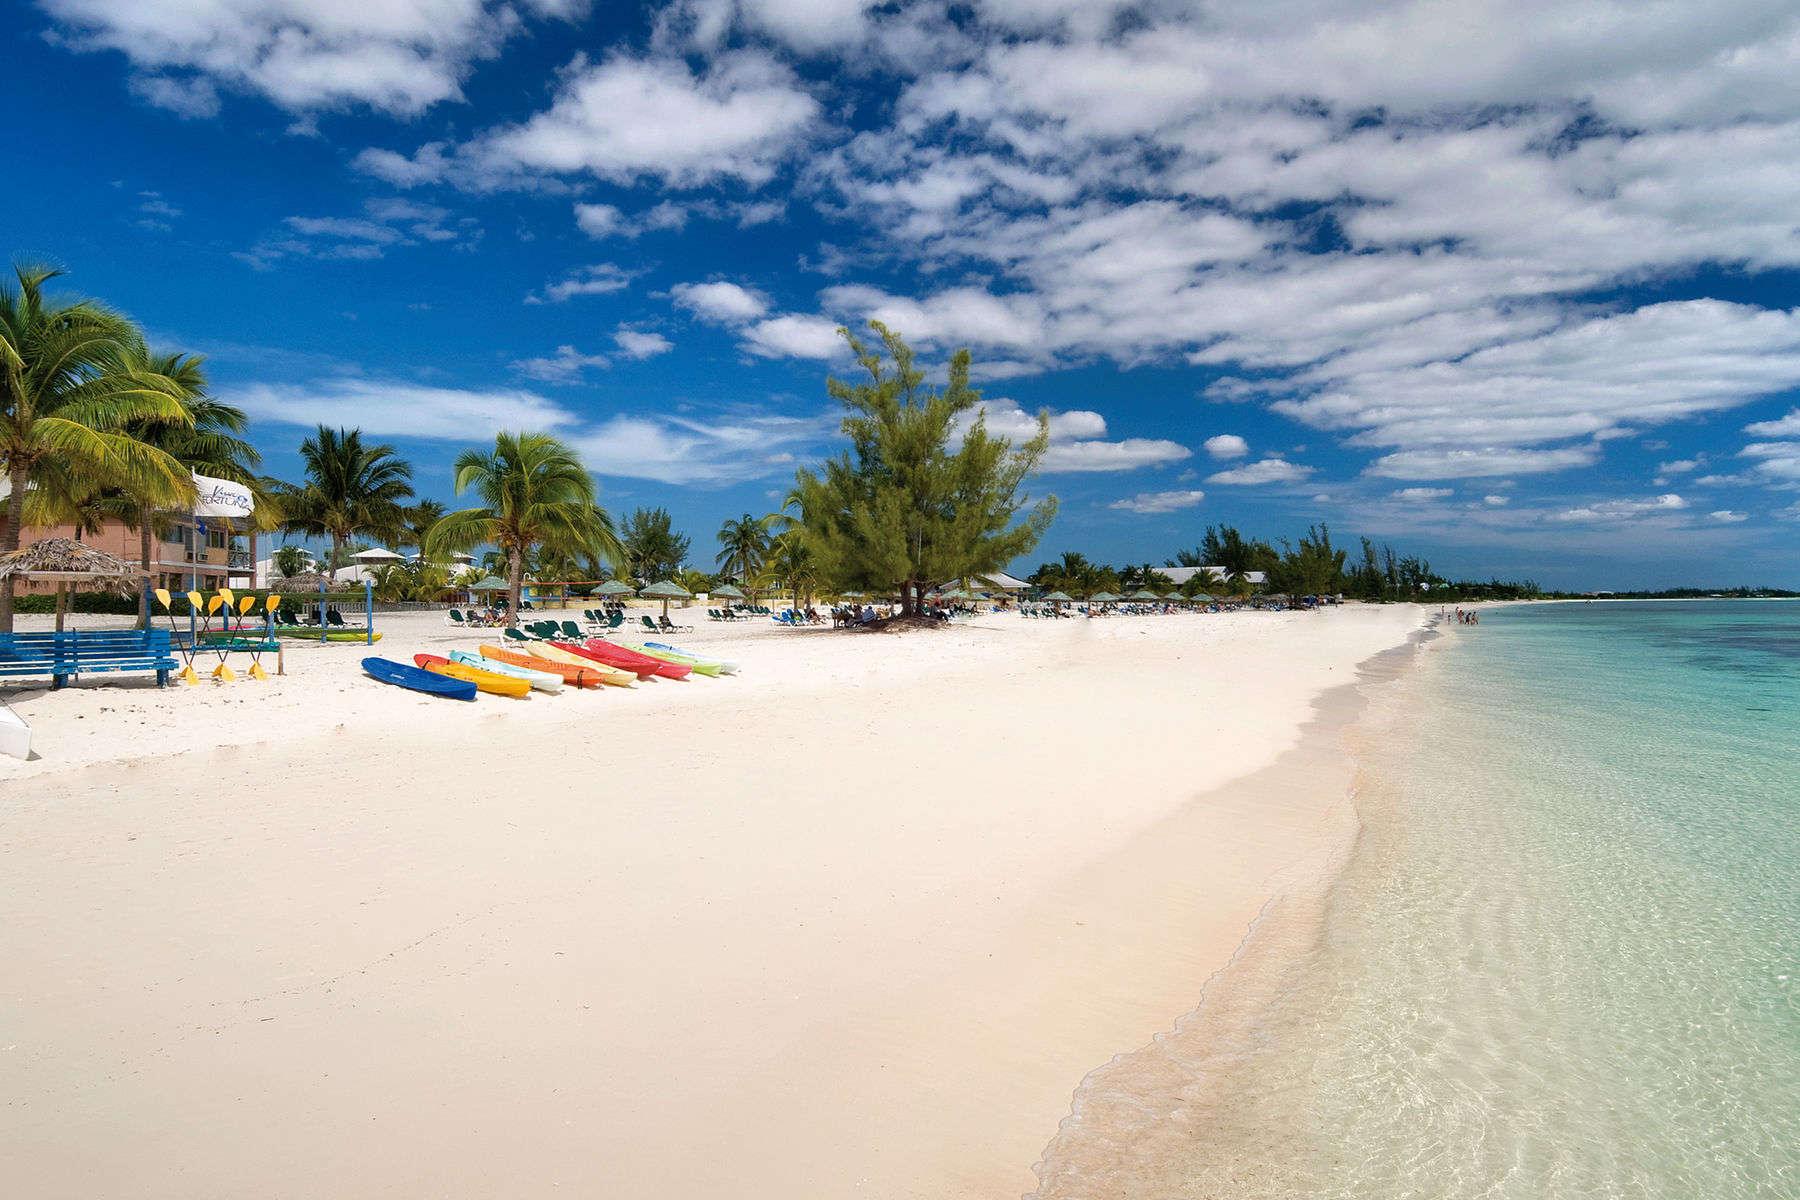 Viva Wyndham Fortuna Beach Travel By Bob